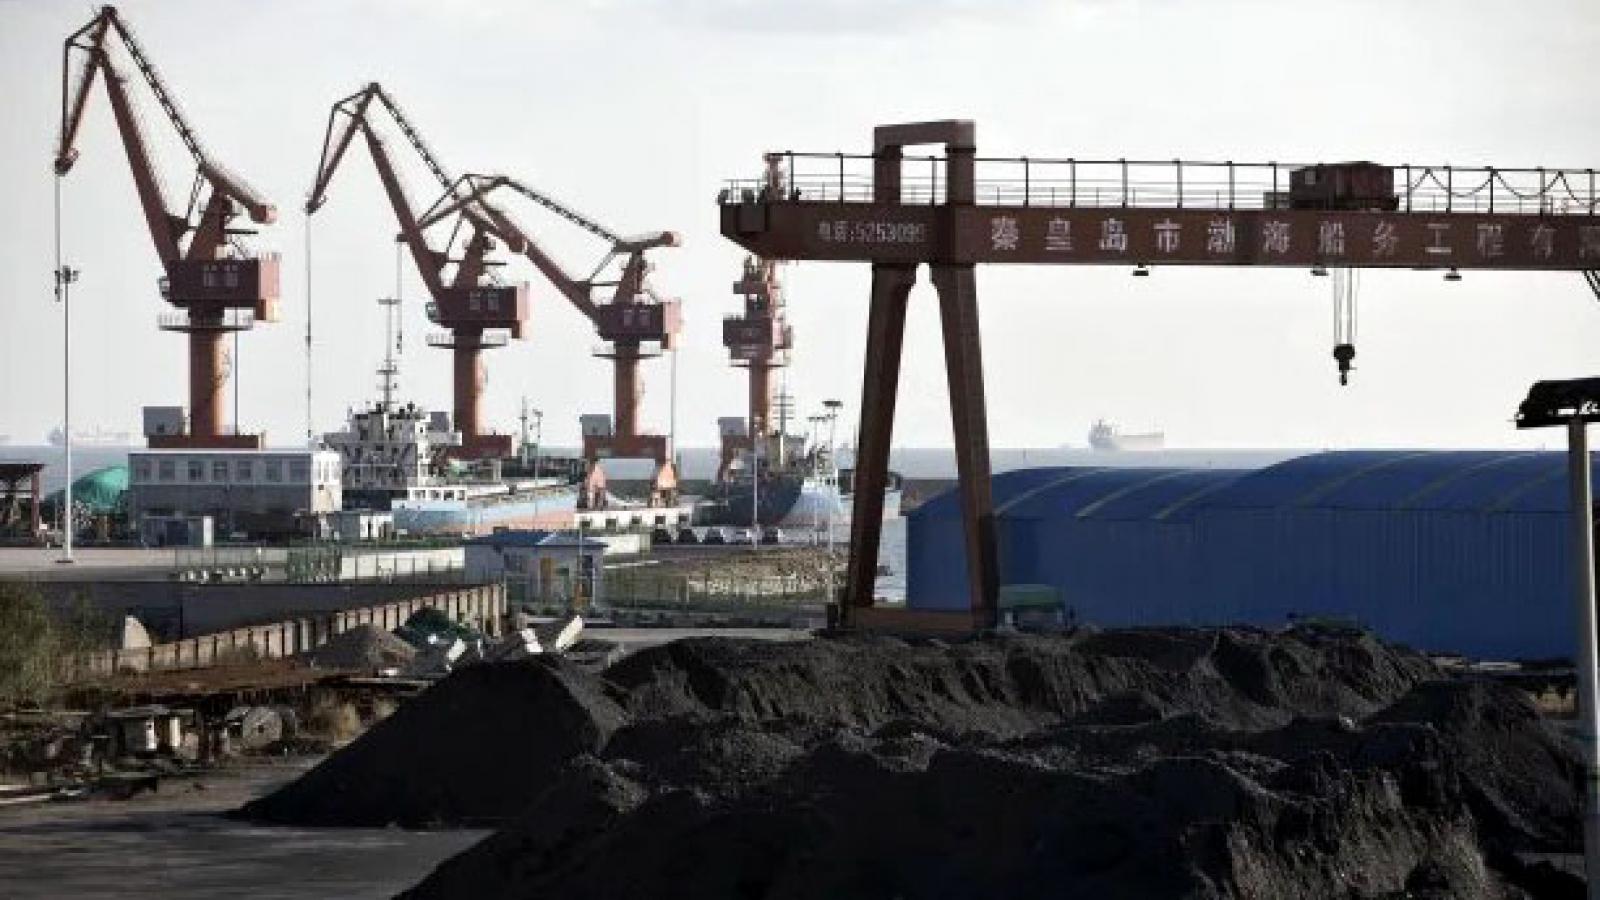 Australia điều tra nghi vấn lệnh cấm nhập khẩu than từ Trung Quốc